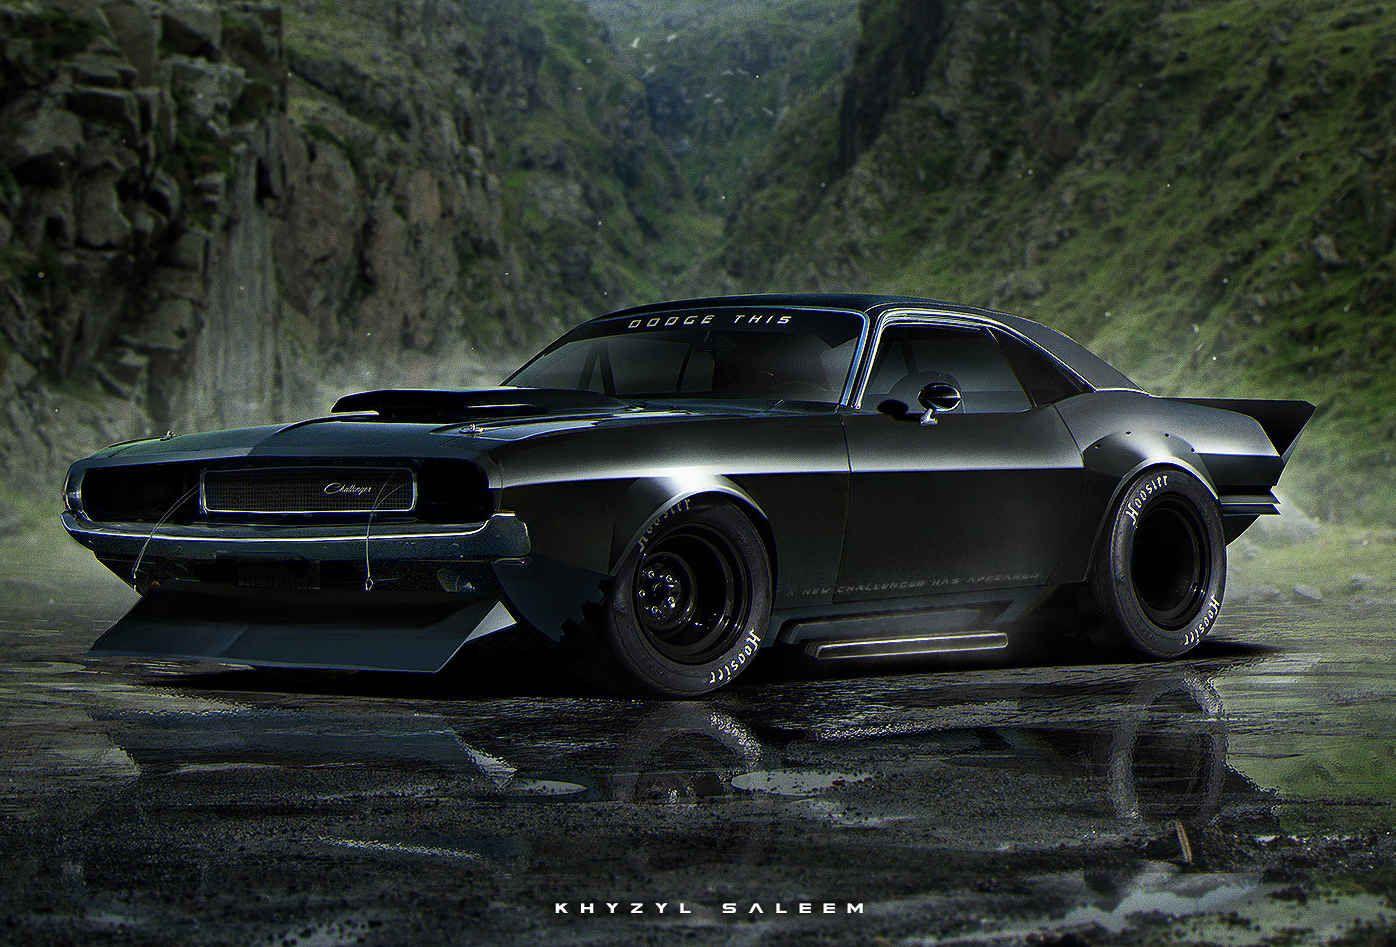 The Zombie Apocalypse Cars Of The Future By Khyzyl Saleem